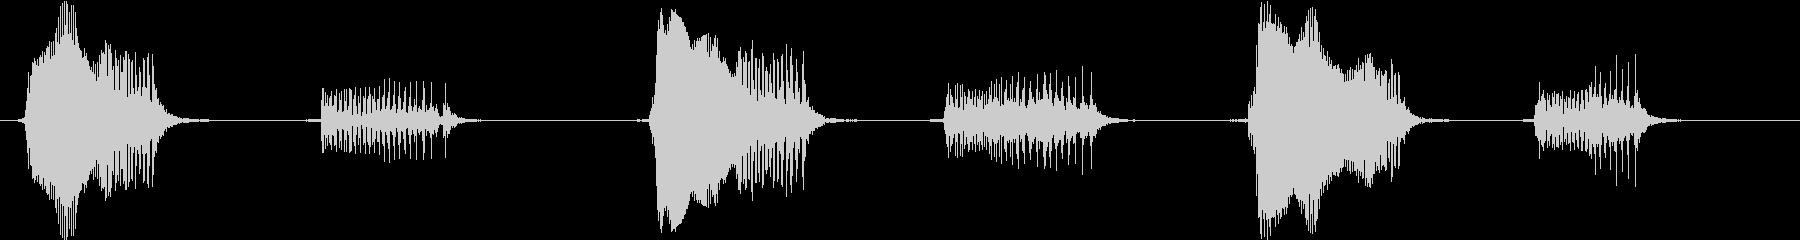 キュッキュッ♪(お皿が綺麗になった)②の未再生の波形